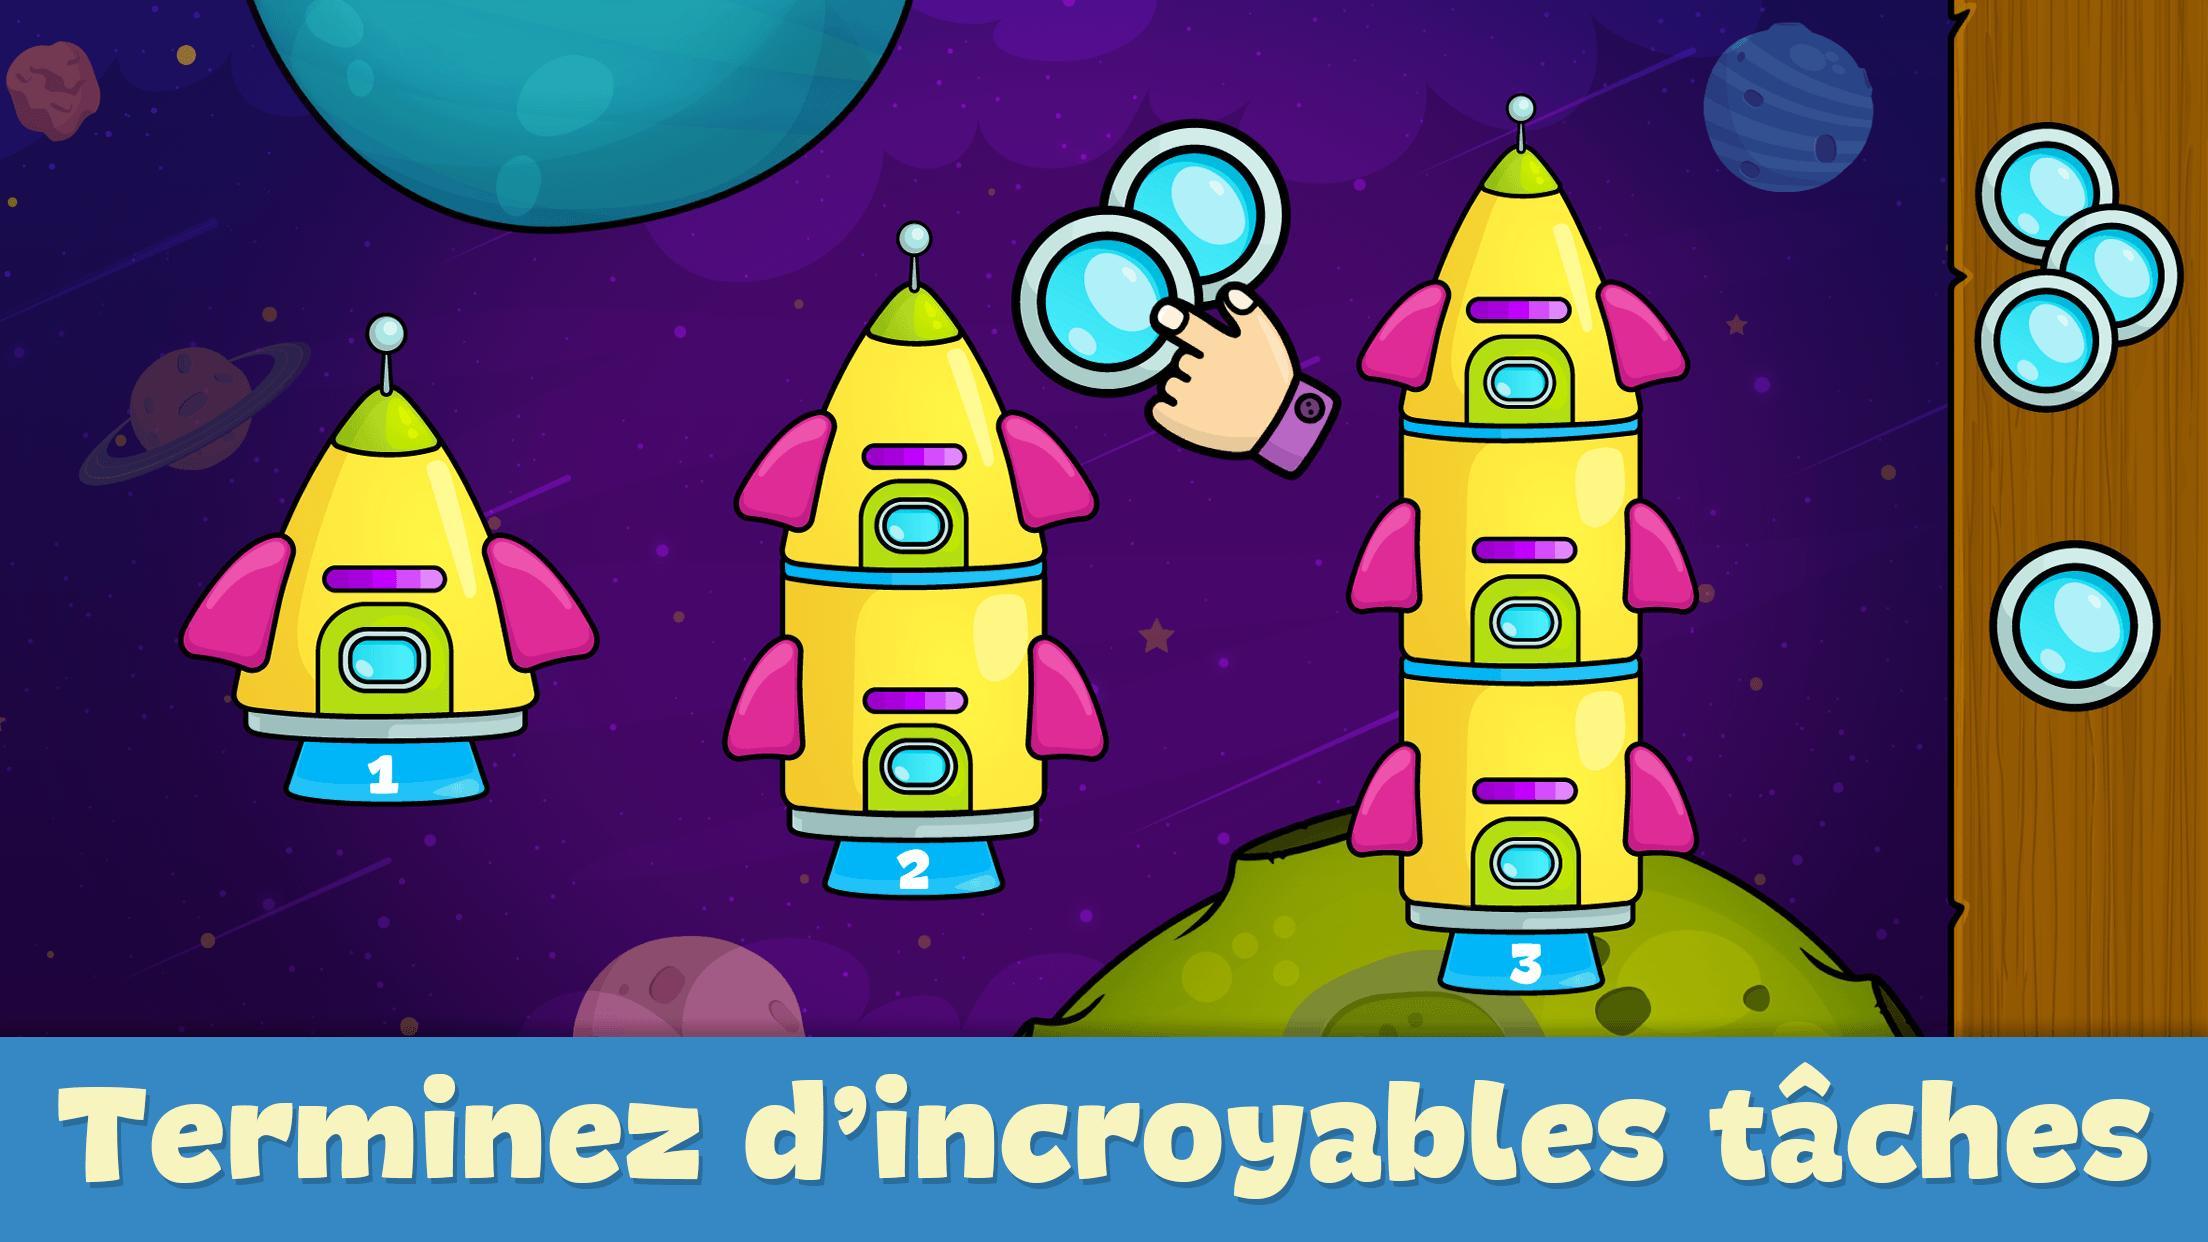 Jeux Pour Enfants 2 - 5 Ans Pour Android - Téléchargez L'apk intérieur Jeux Gratuit Enfant De 3 Ans